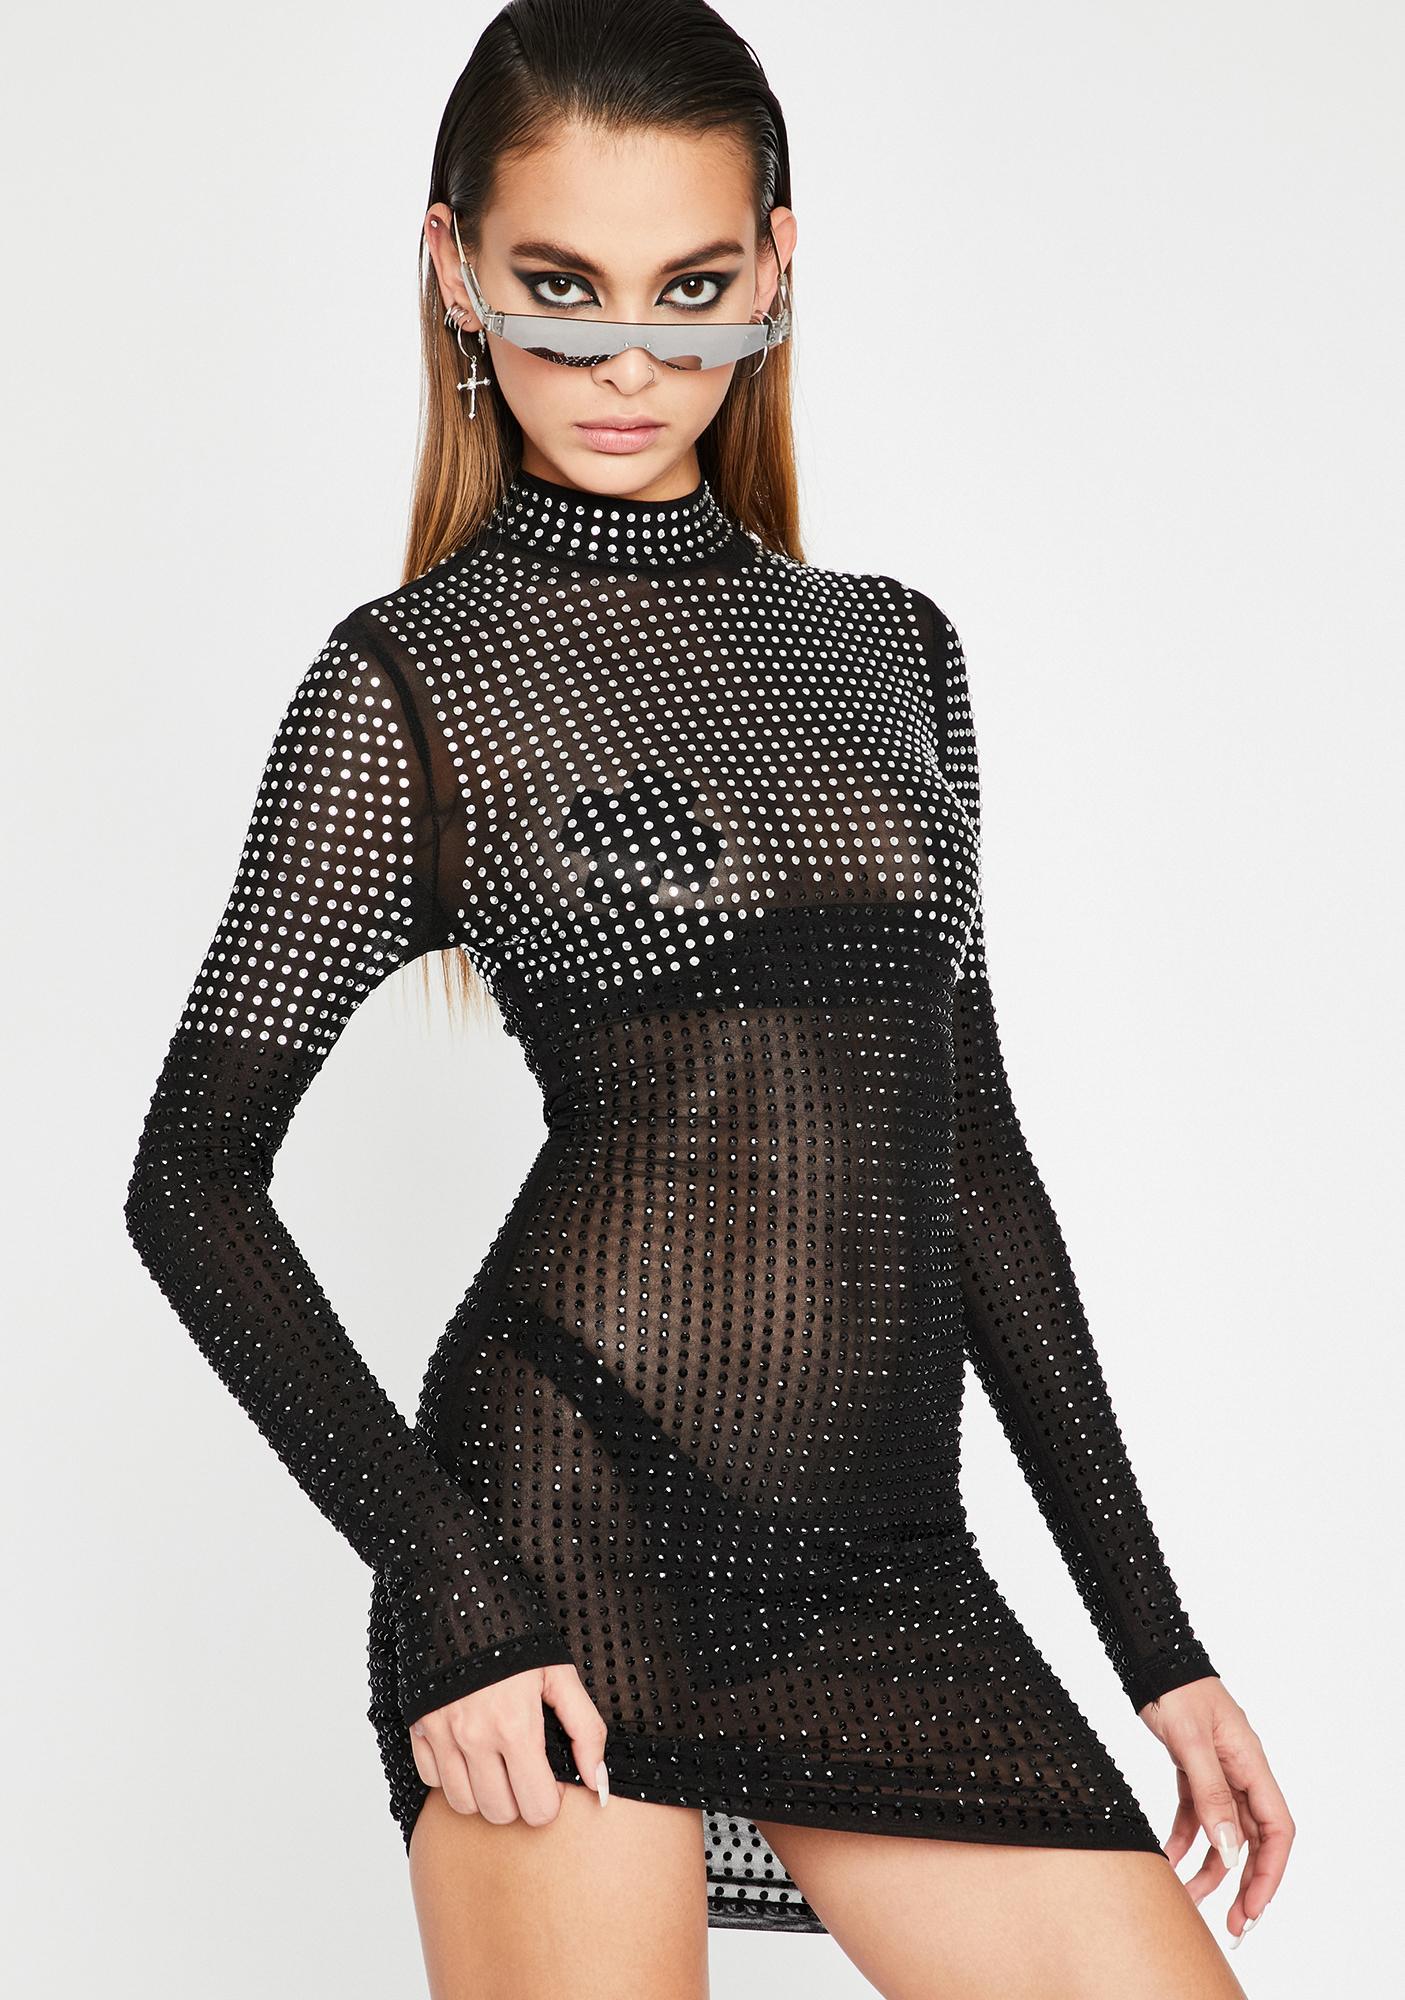 Noir Prize Worthy Rhinestone Dress